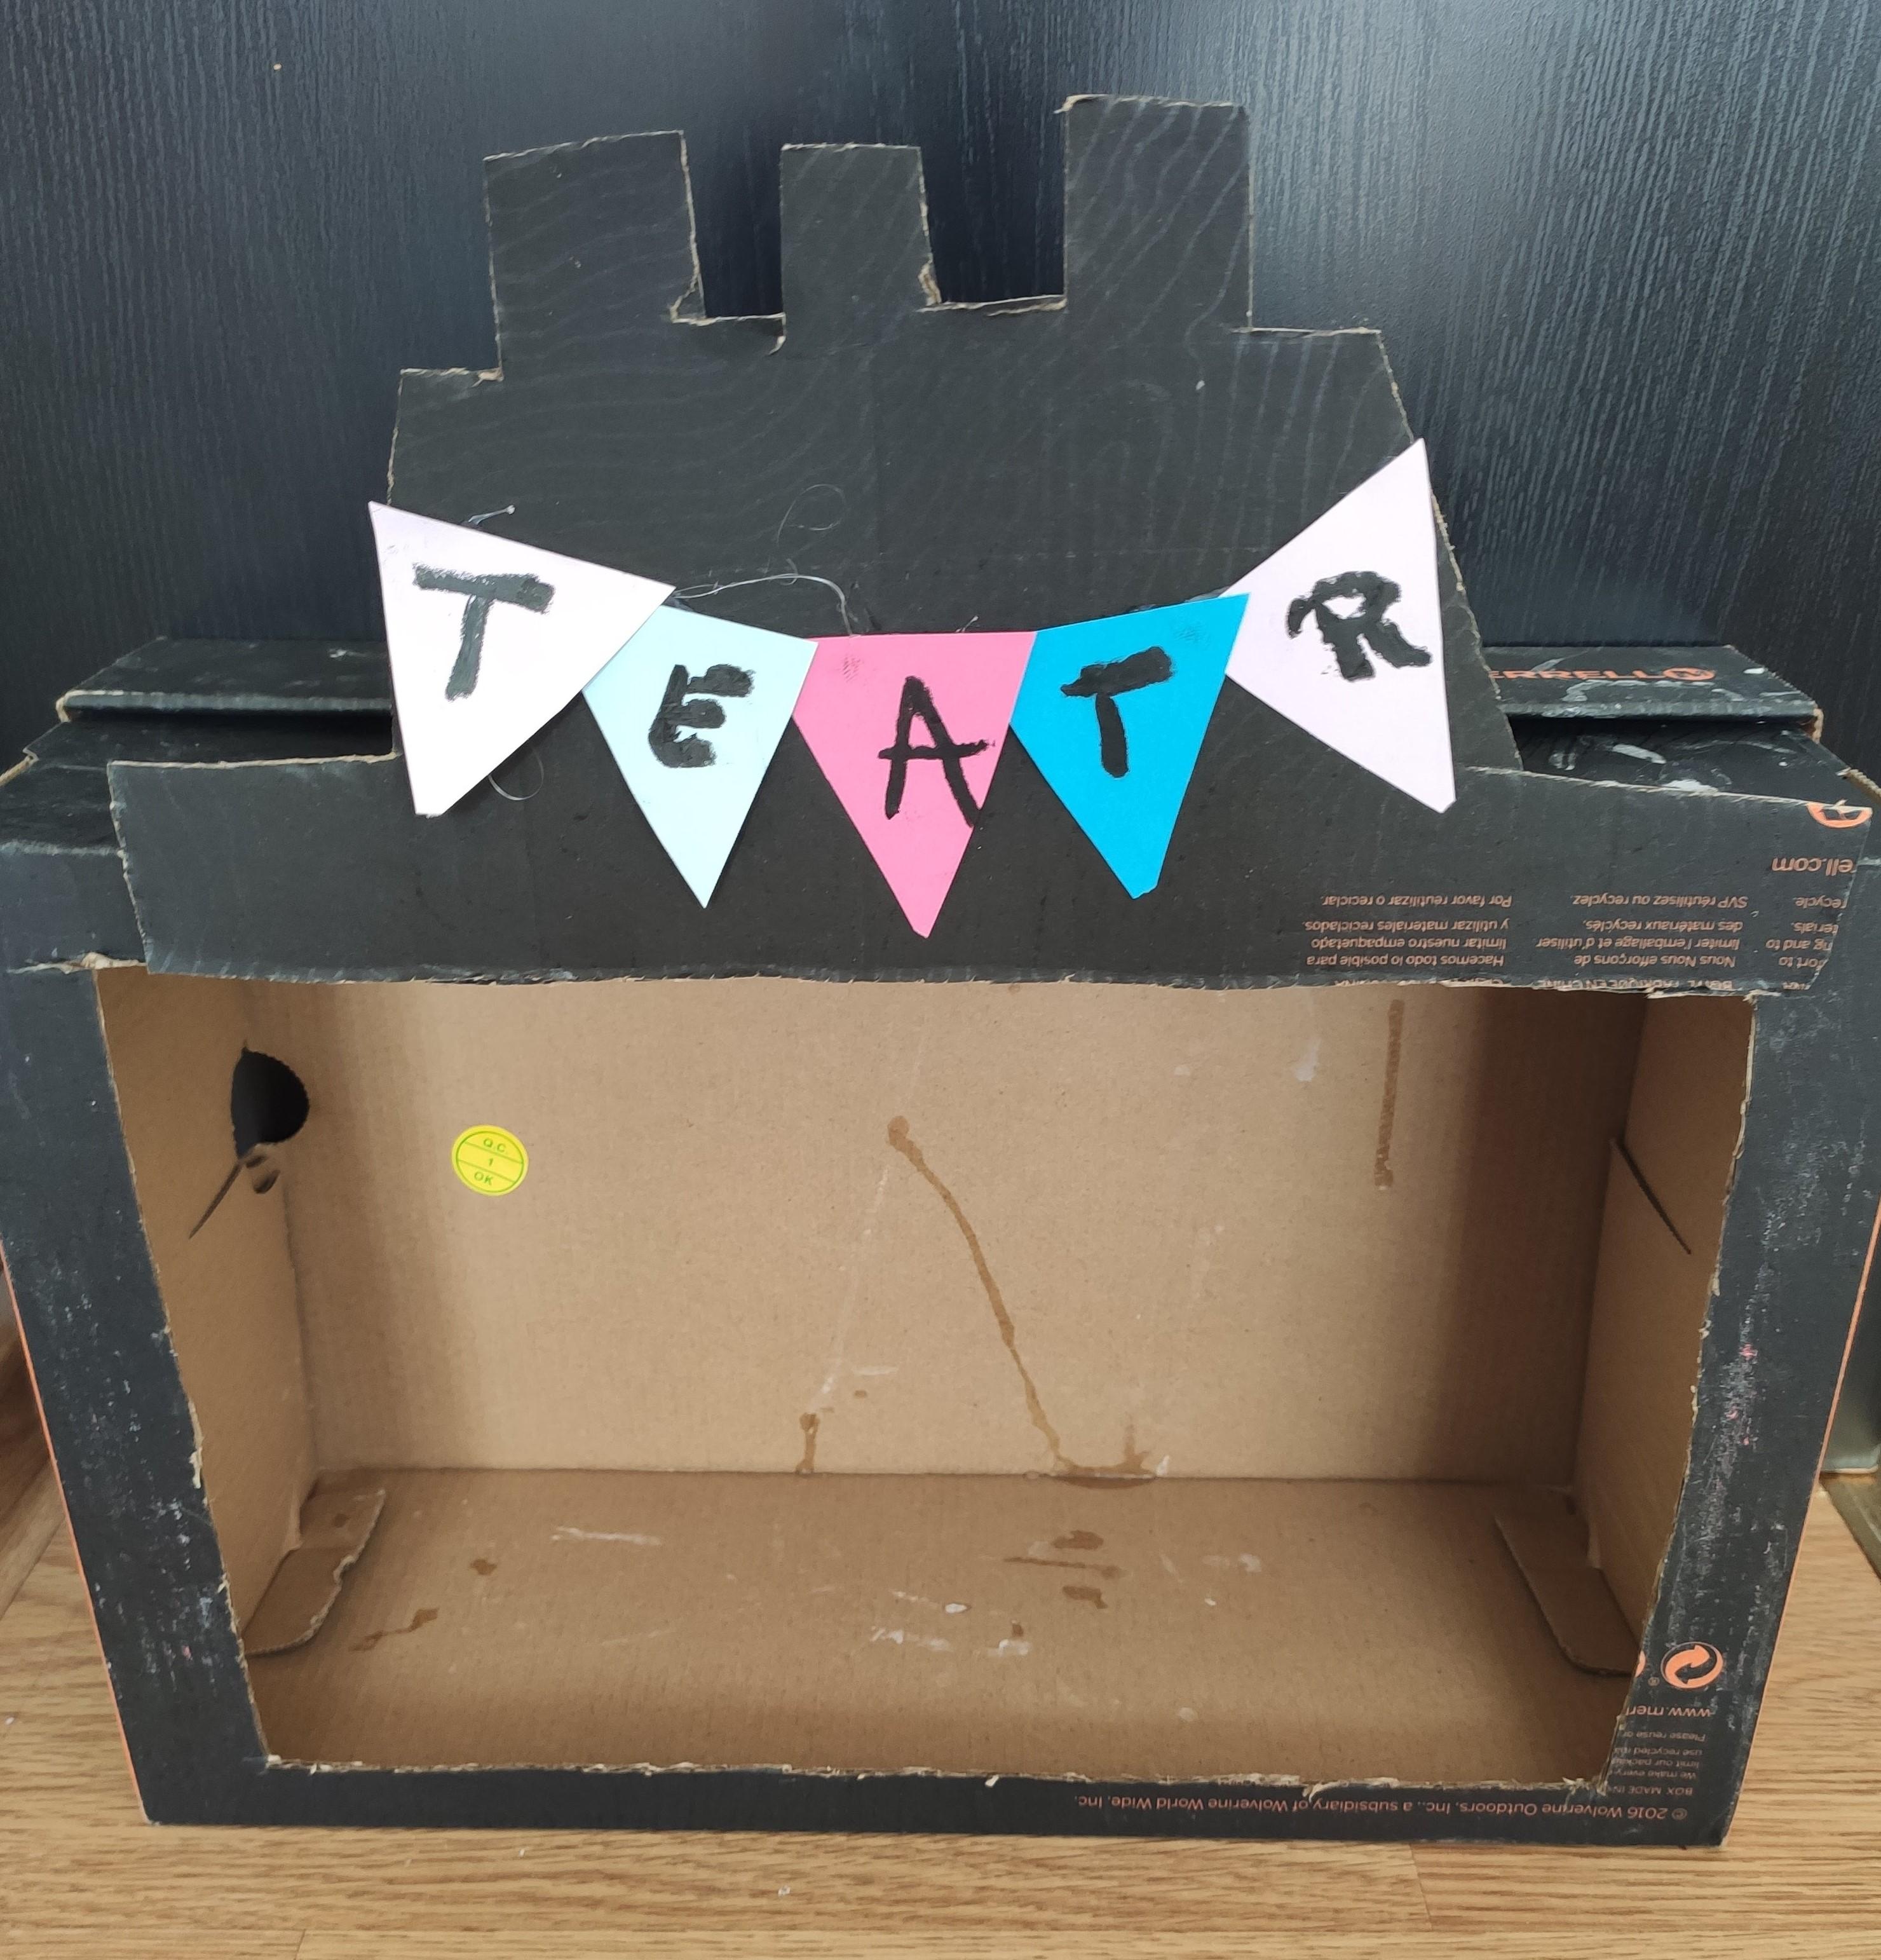 Domowy teatrzyk ze starego kartonu. Pomysł na rodzinną zabawę